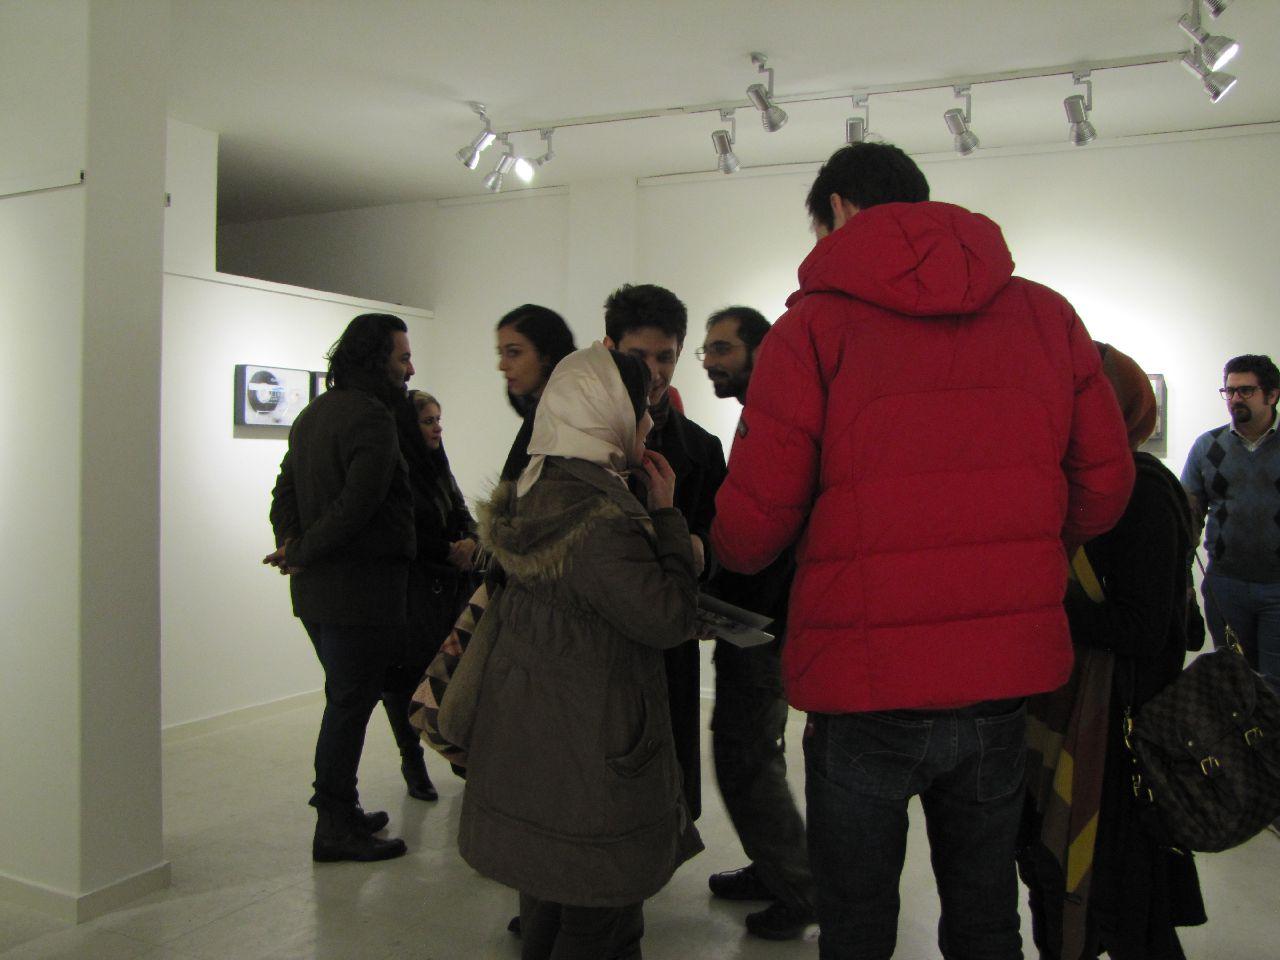 مروری بر آثار محمودرضا نوربخش در گالری مهروا